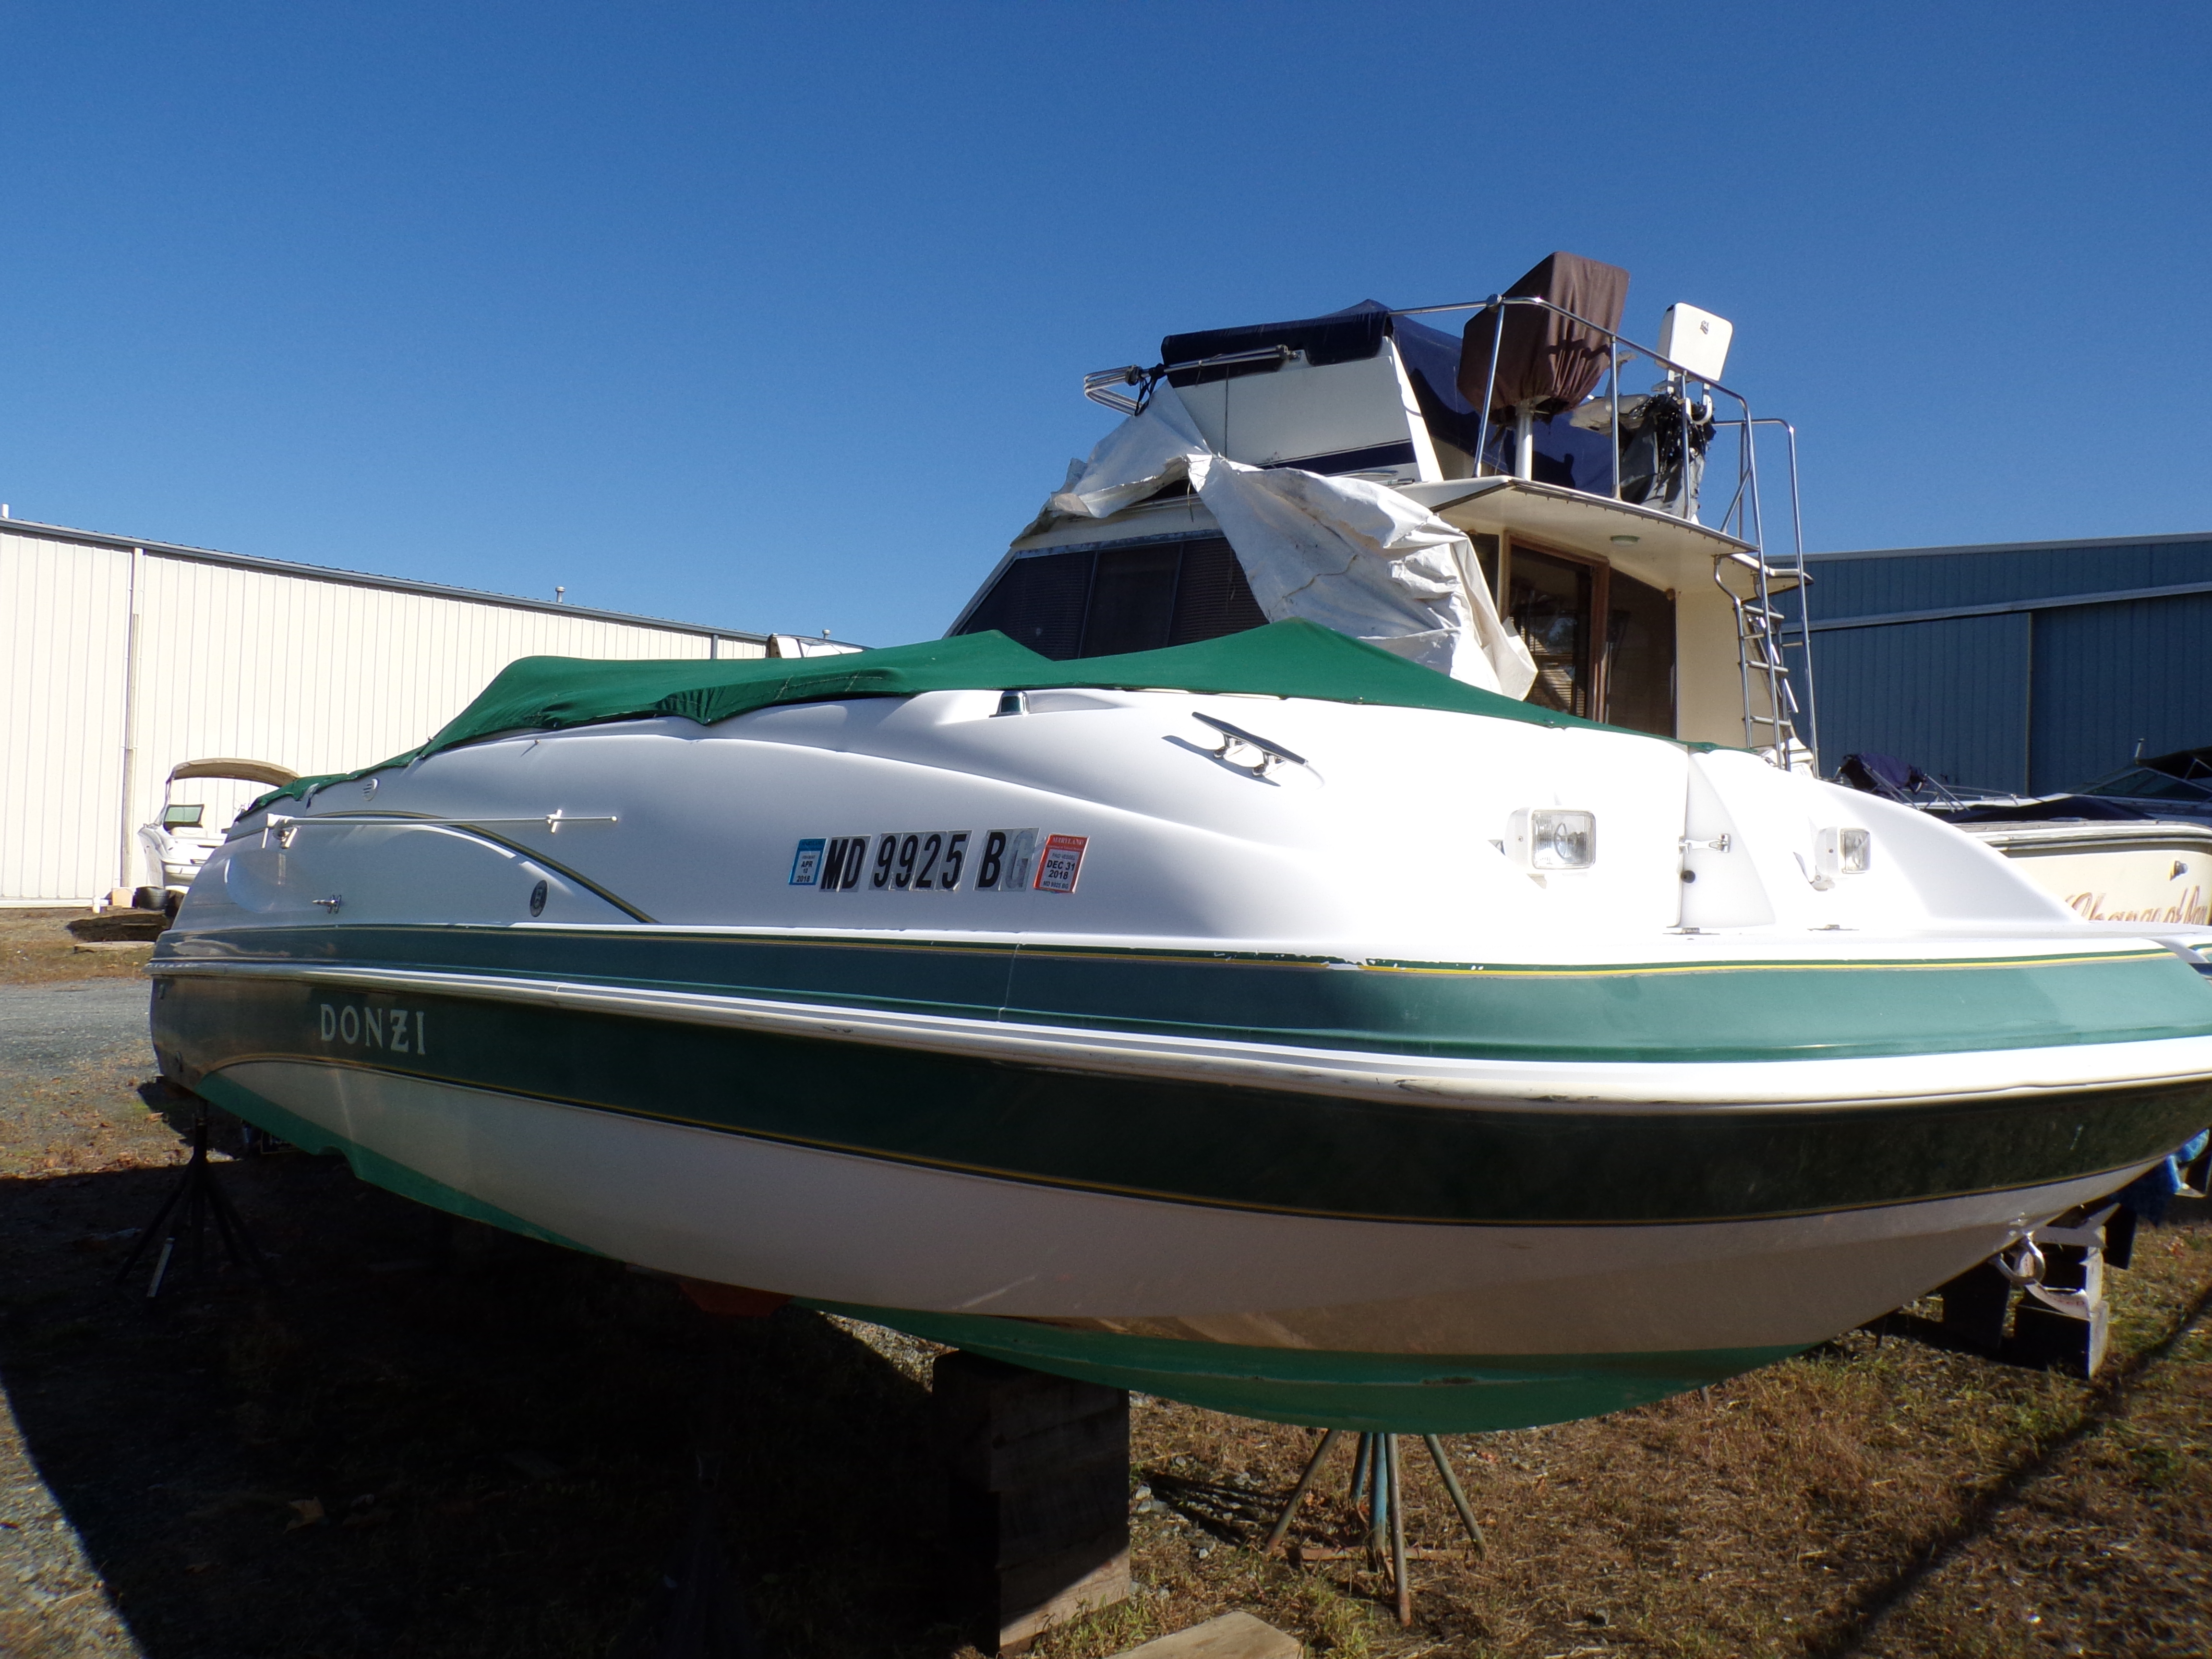 Donzi Deck Boat